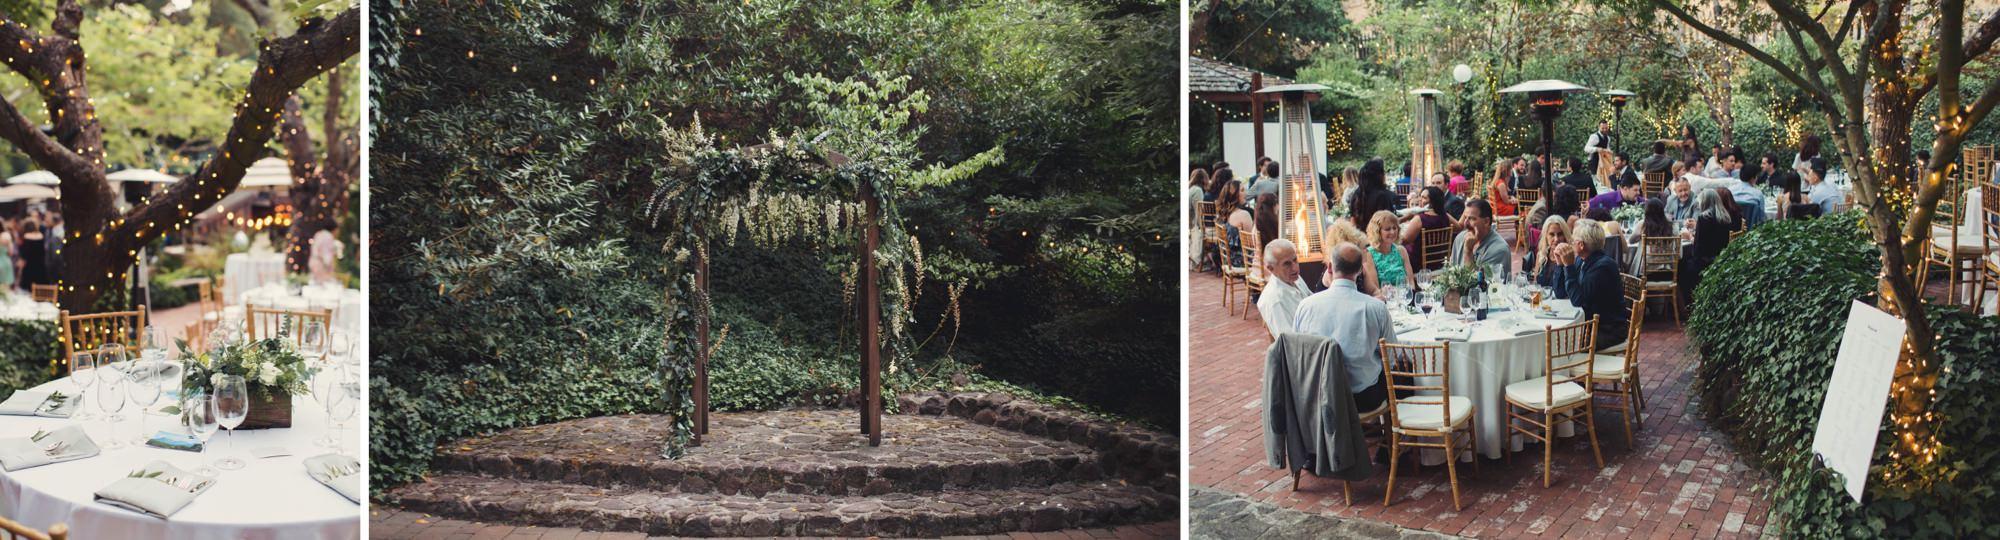 Wildwood Acres Lafayette Wedding